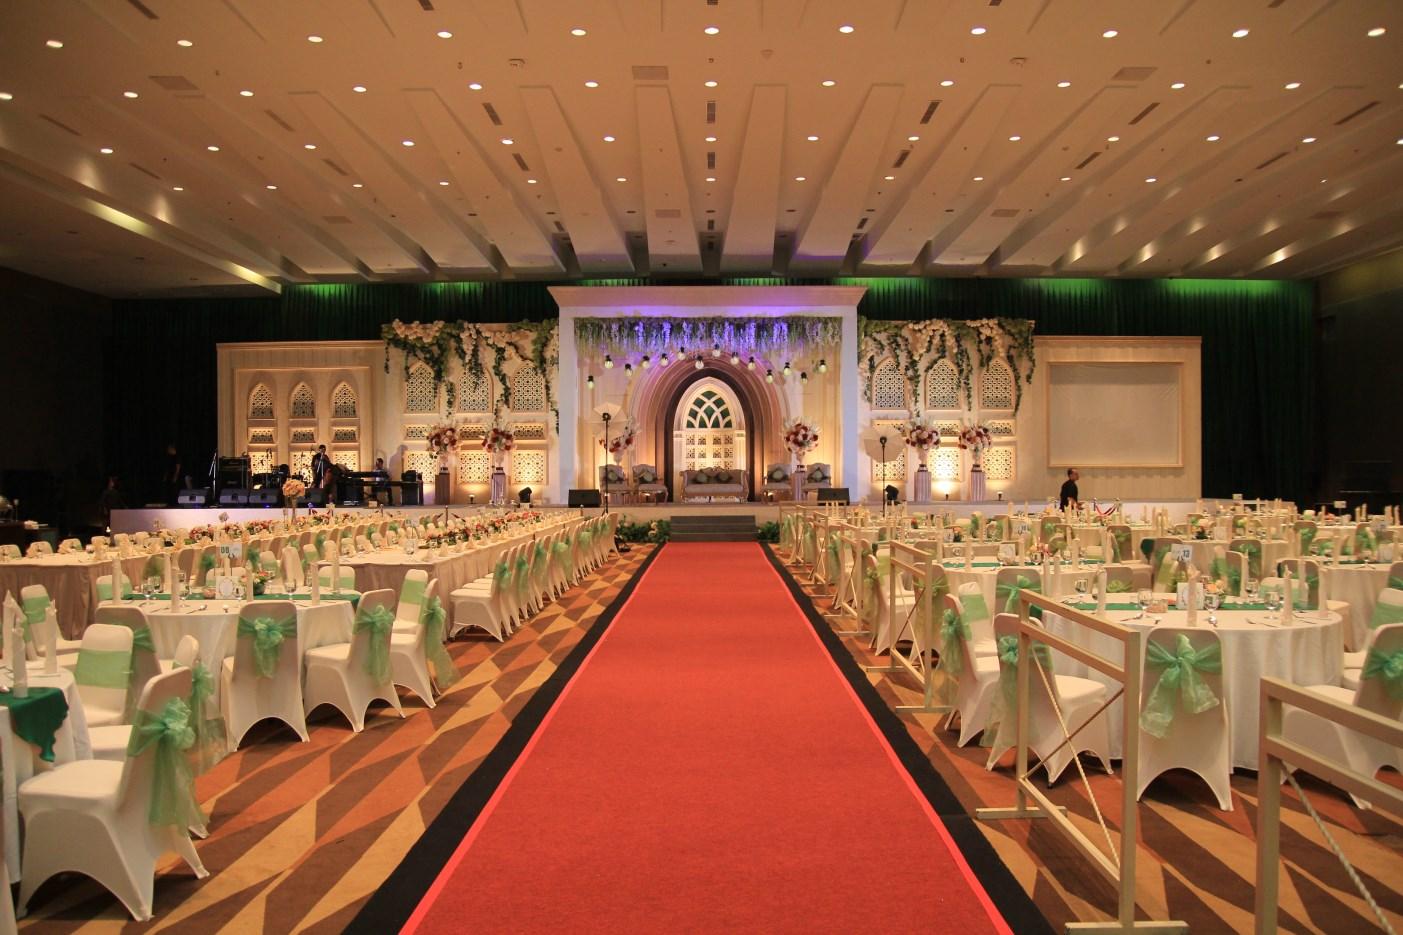 Winy ryan wedding reception sdcc 23 jan showbitz event winy ryan wedding reception sdcc junglespirit Images